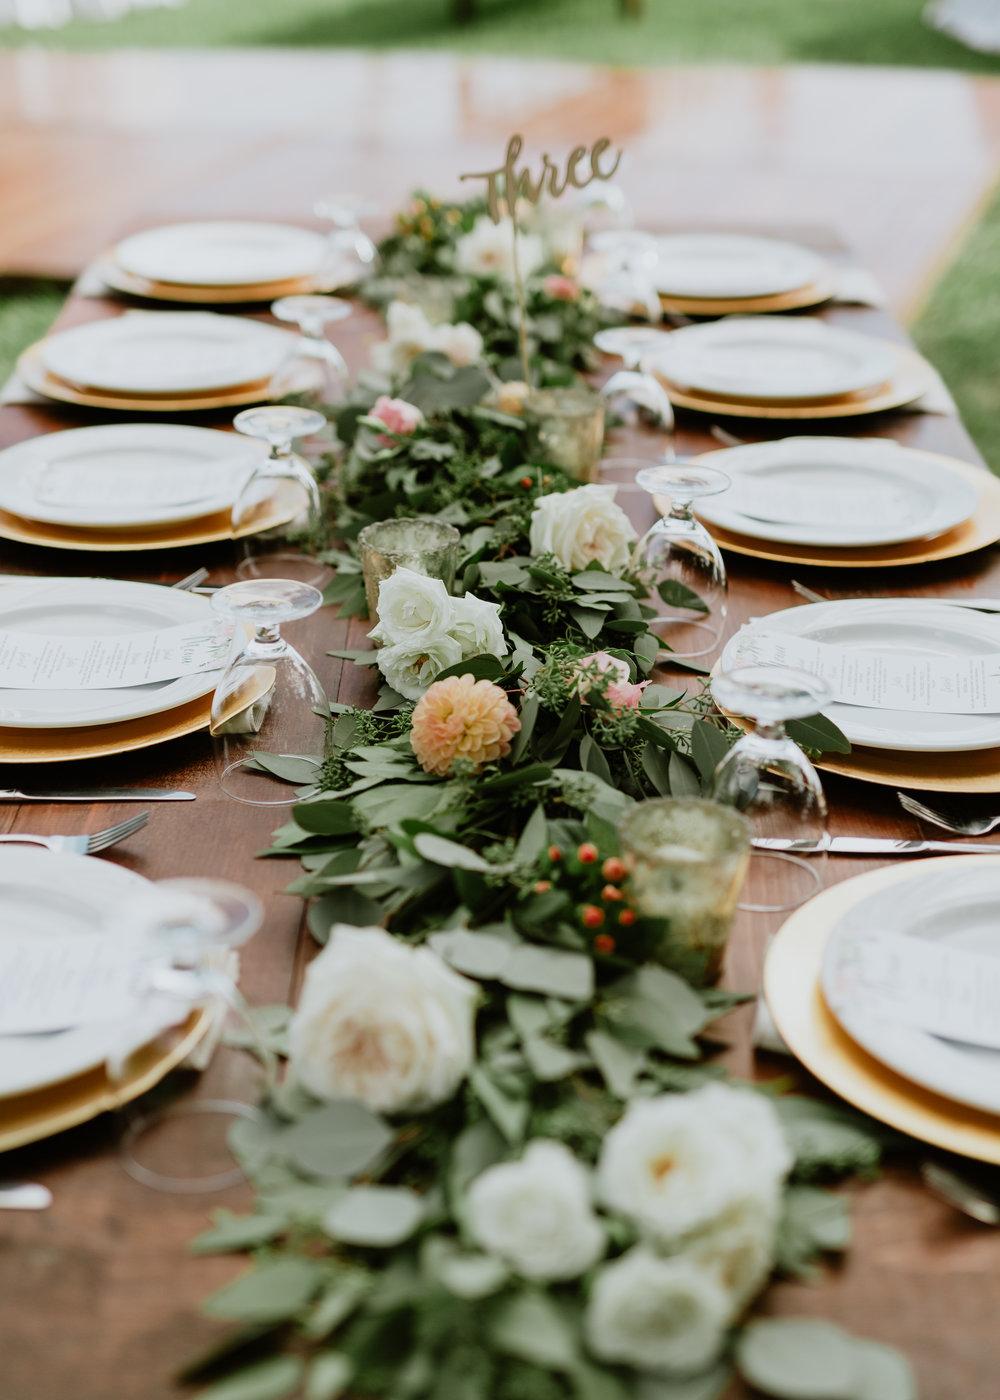 HeraStudios_Selects_Full_CynthiaLundy_Wedding-92.jpg